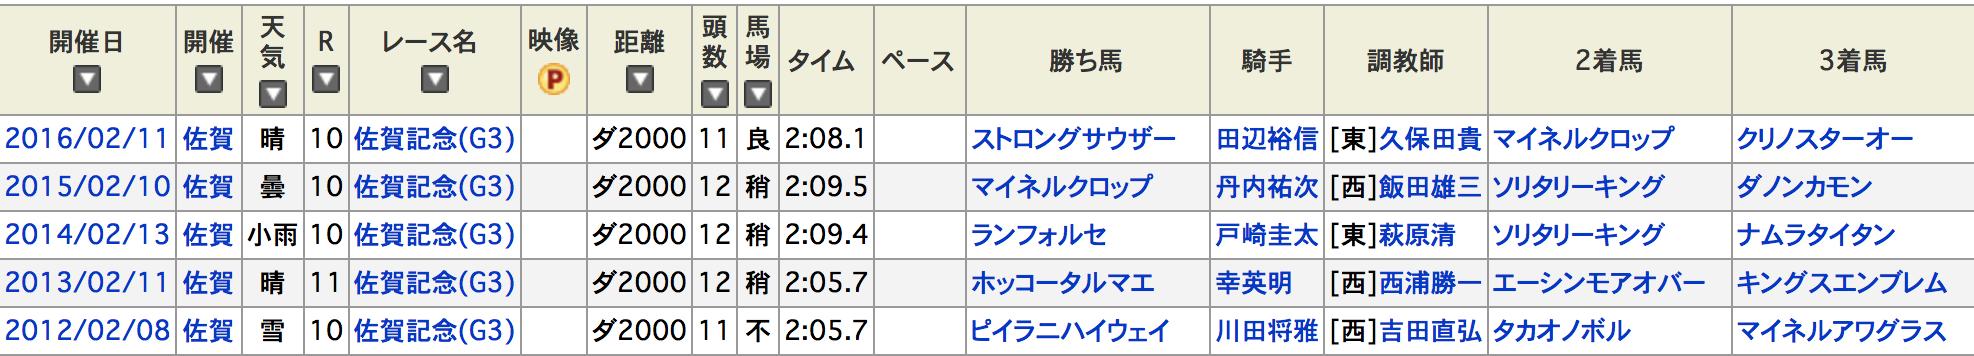 佐賀記念2017過去データ